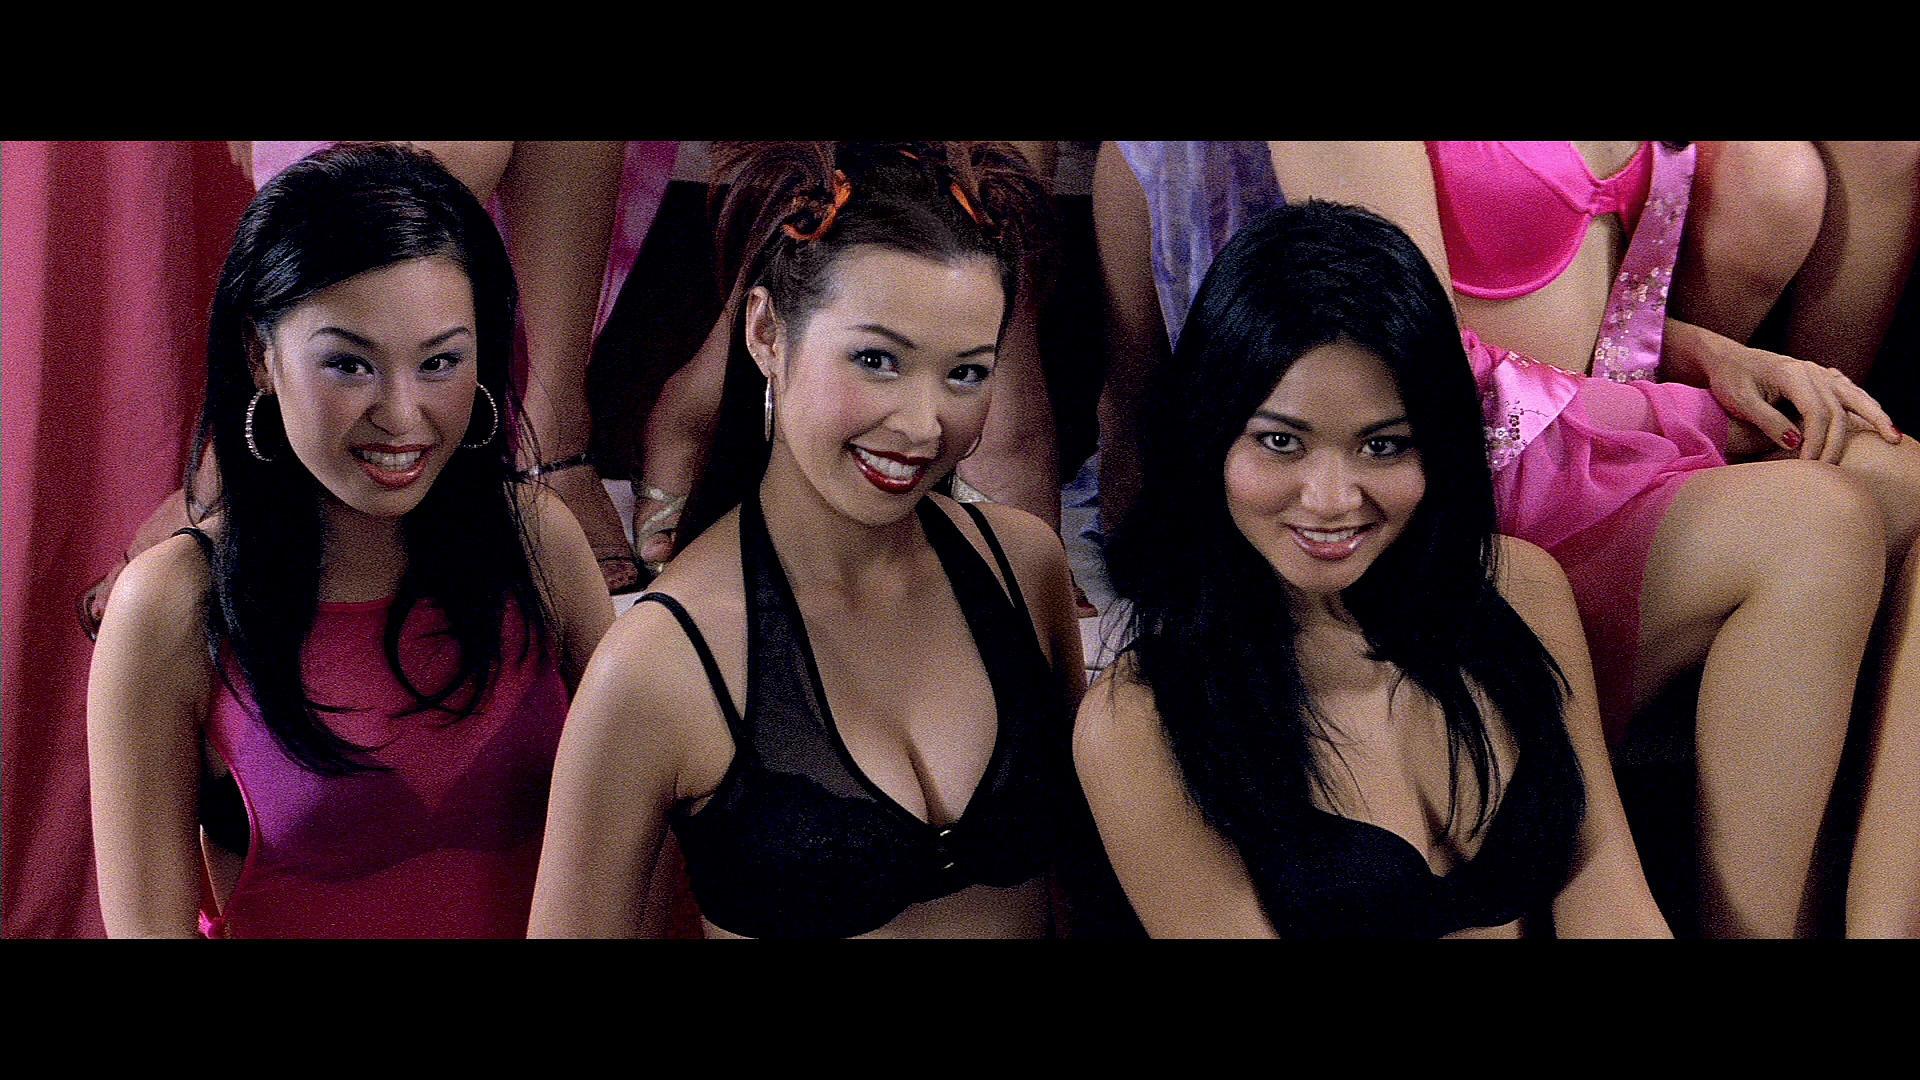 Rush Hour 2 - Massage Girls (2) by NewYungGun on DeviantArt